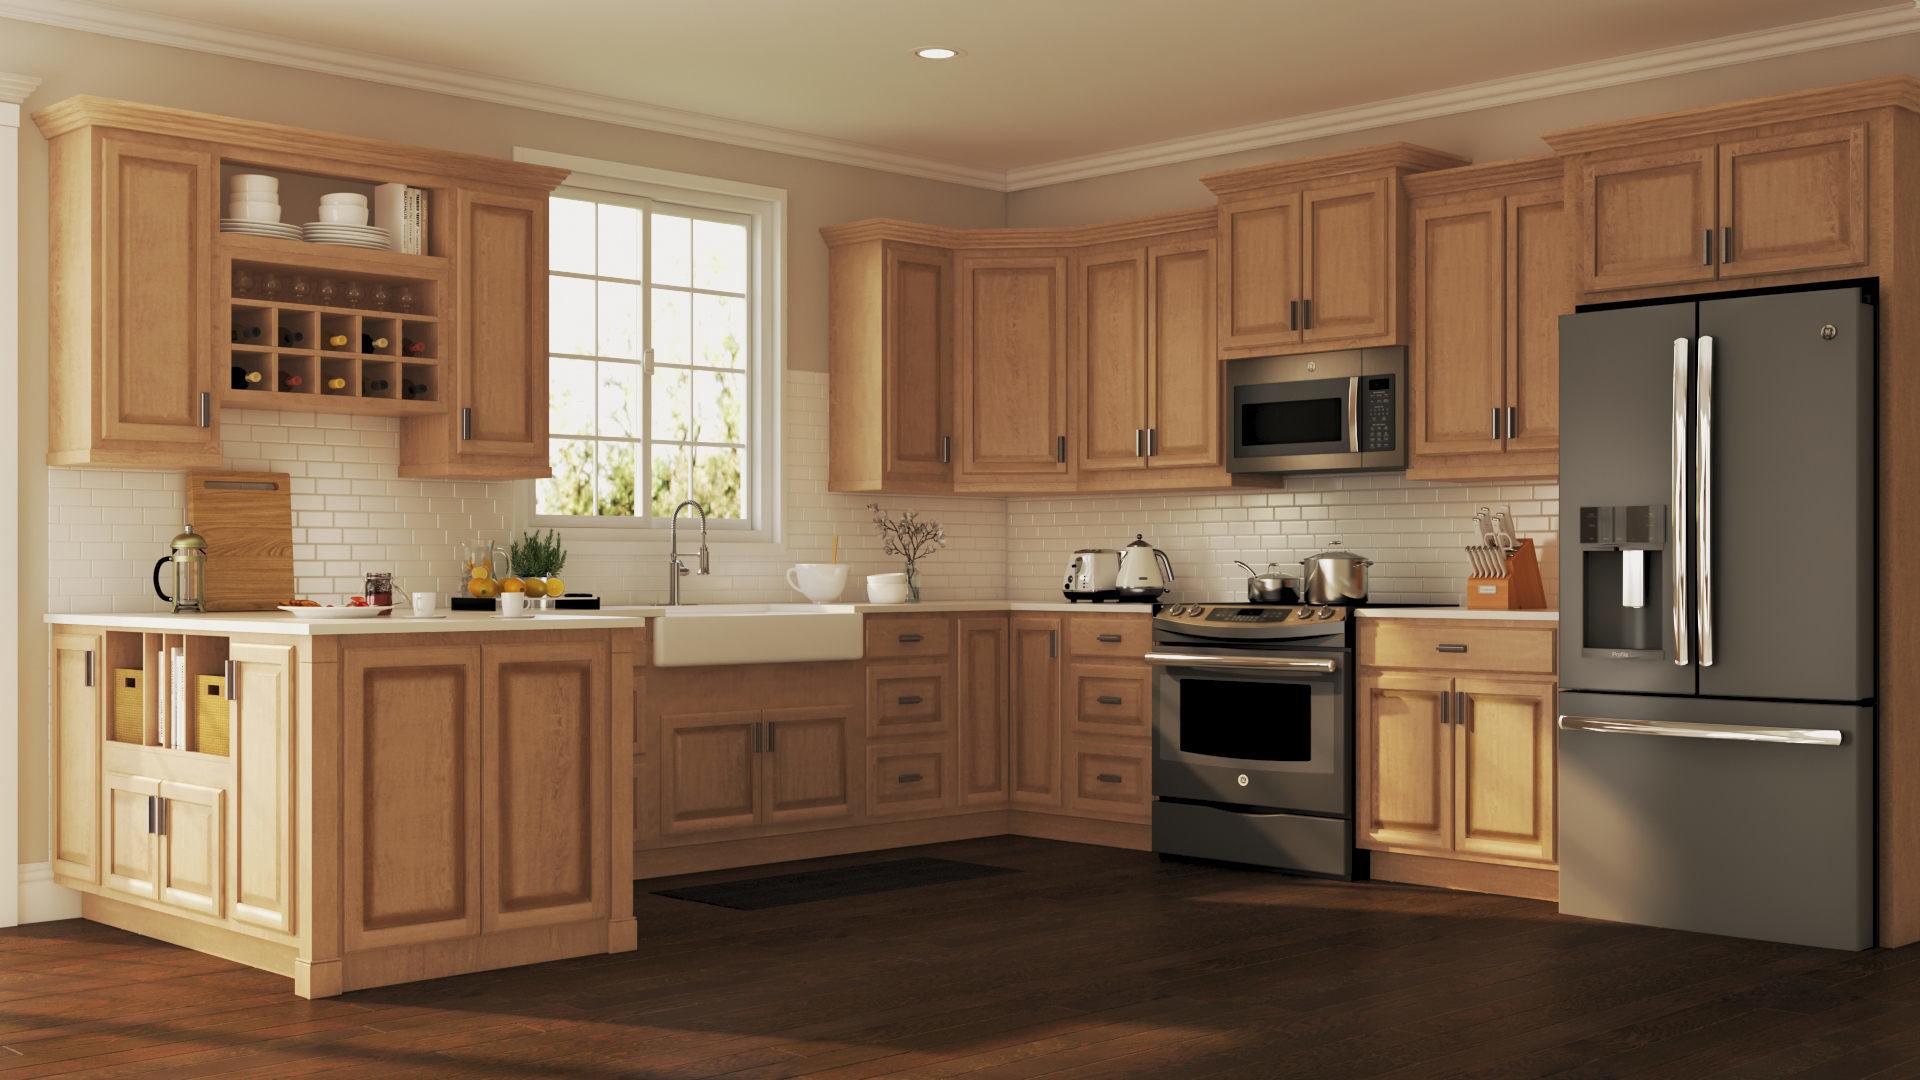 desain dapur dan lemari bergaya vintage